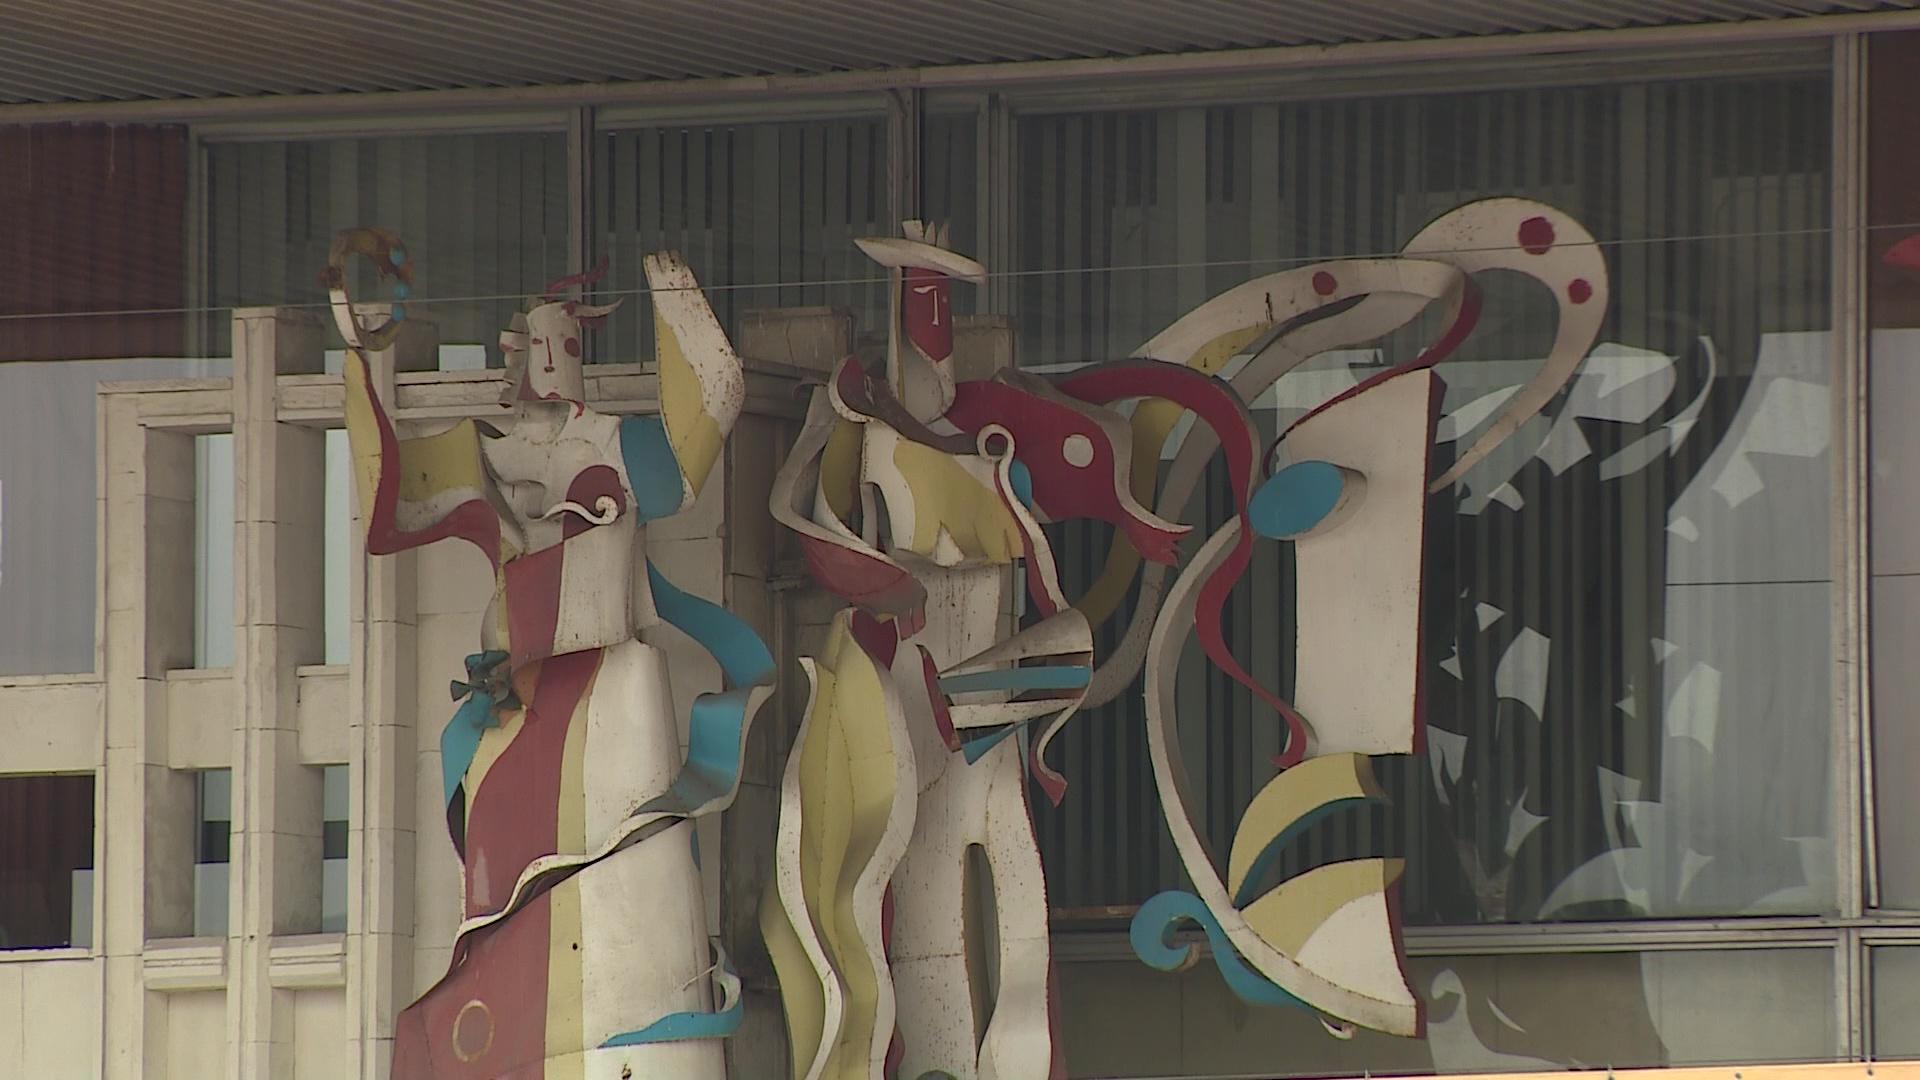 На фасаде ТЮЗа из-под рекламных растяжек показались разноцветные статуи